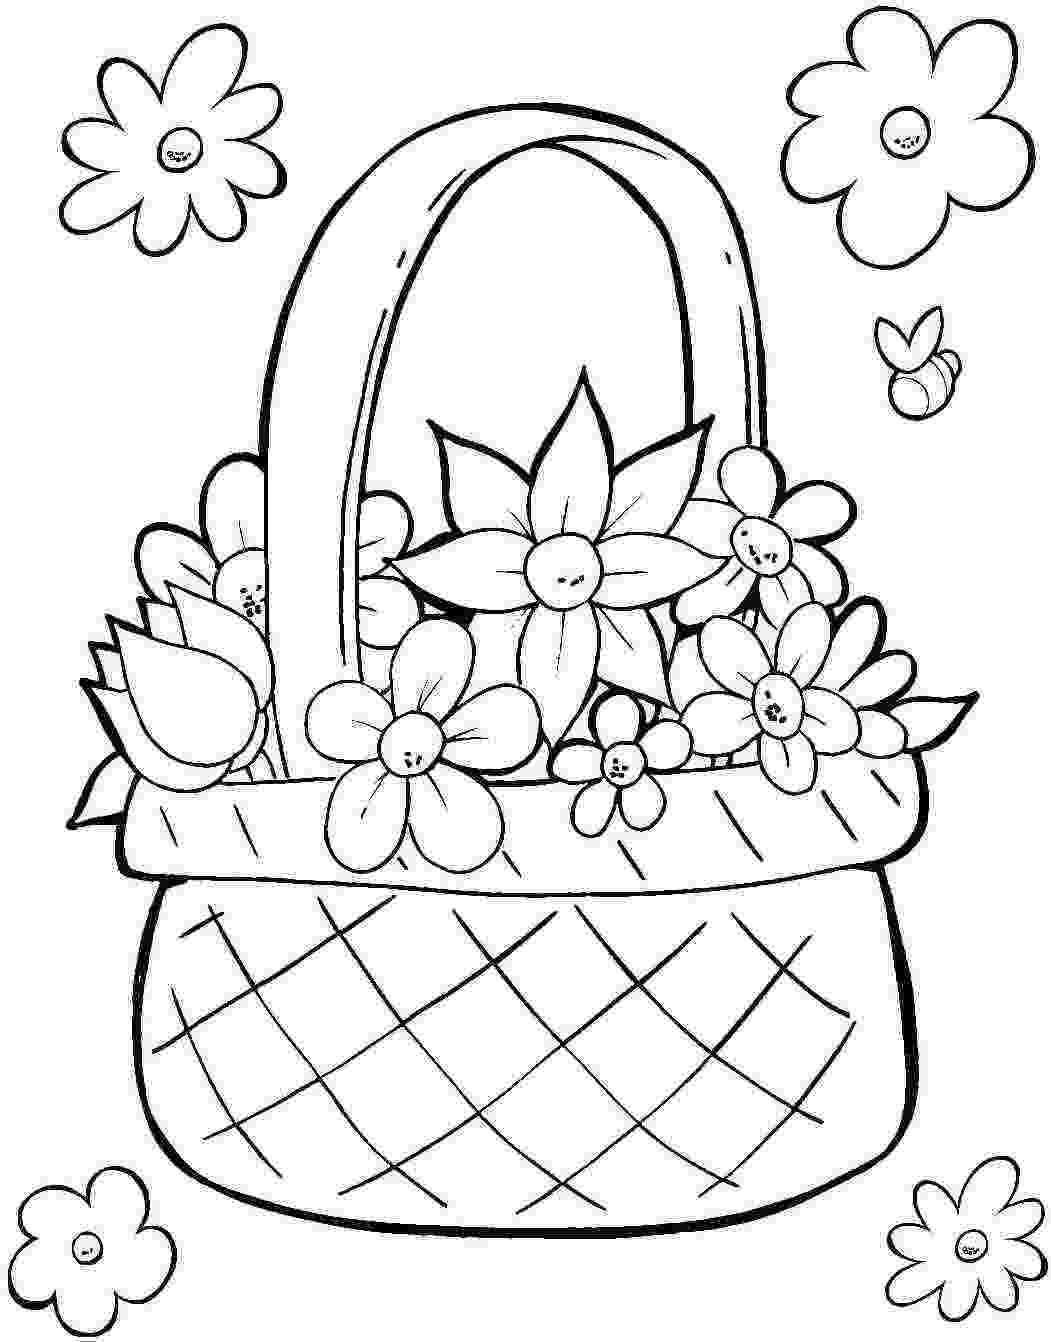 easter basket coloring sheet easter online coloring pages page 1 basket easter sheet coloring